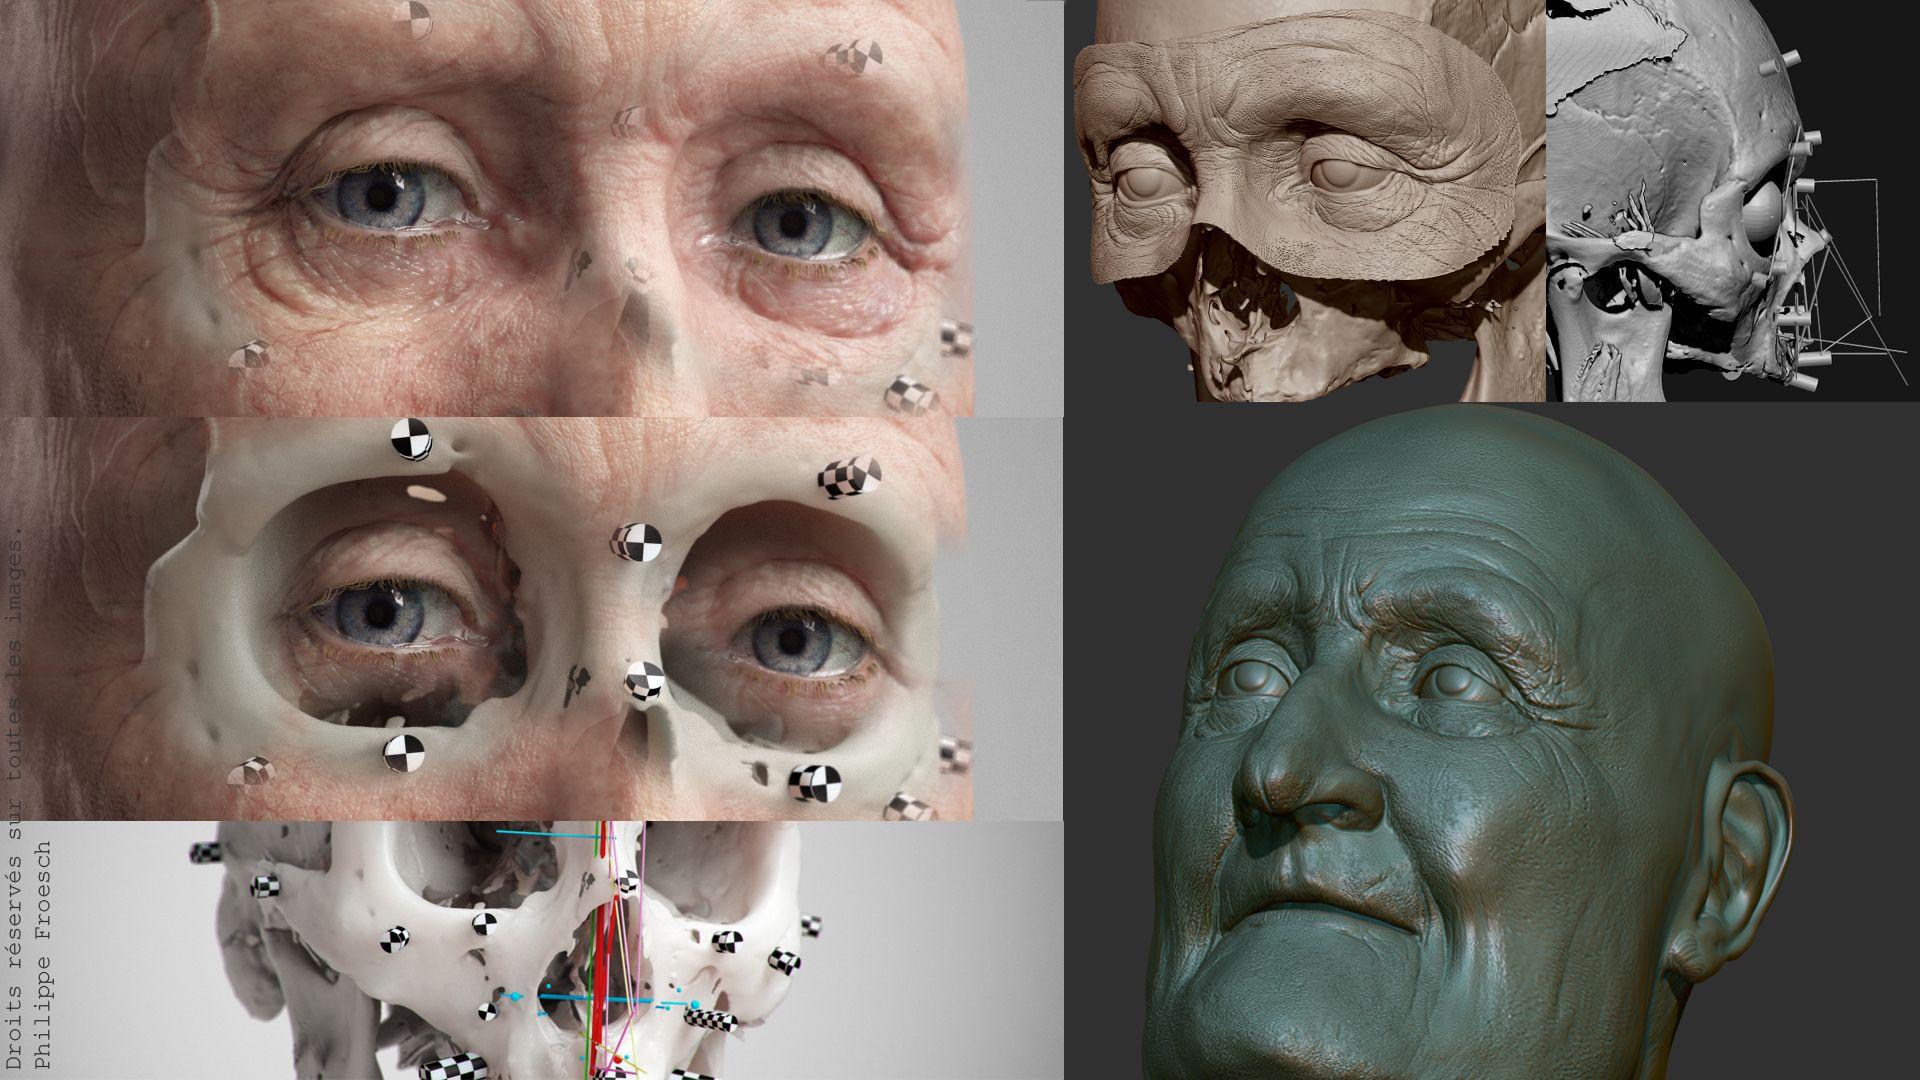 Reconstruction facial